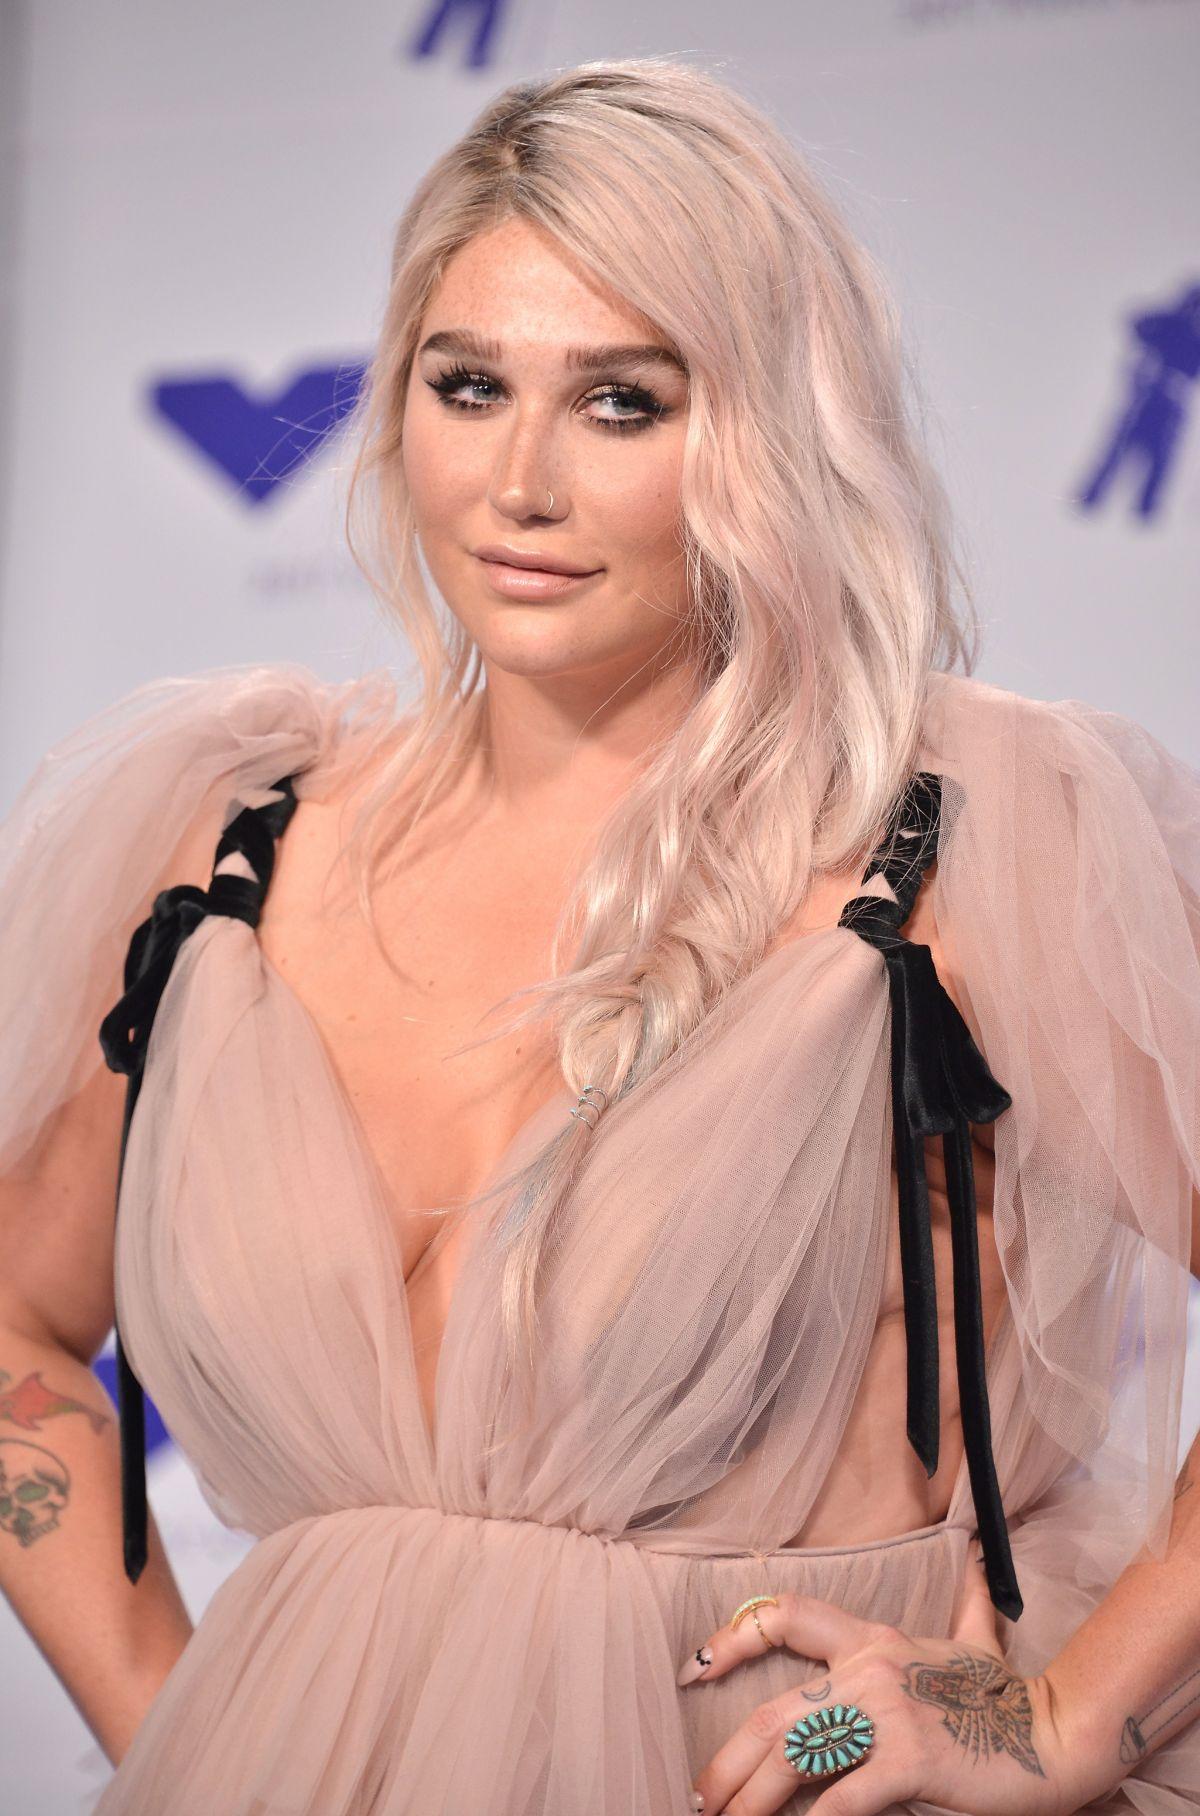 Kesha - Songs, Age & Praying - Biography